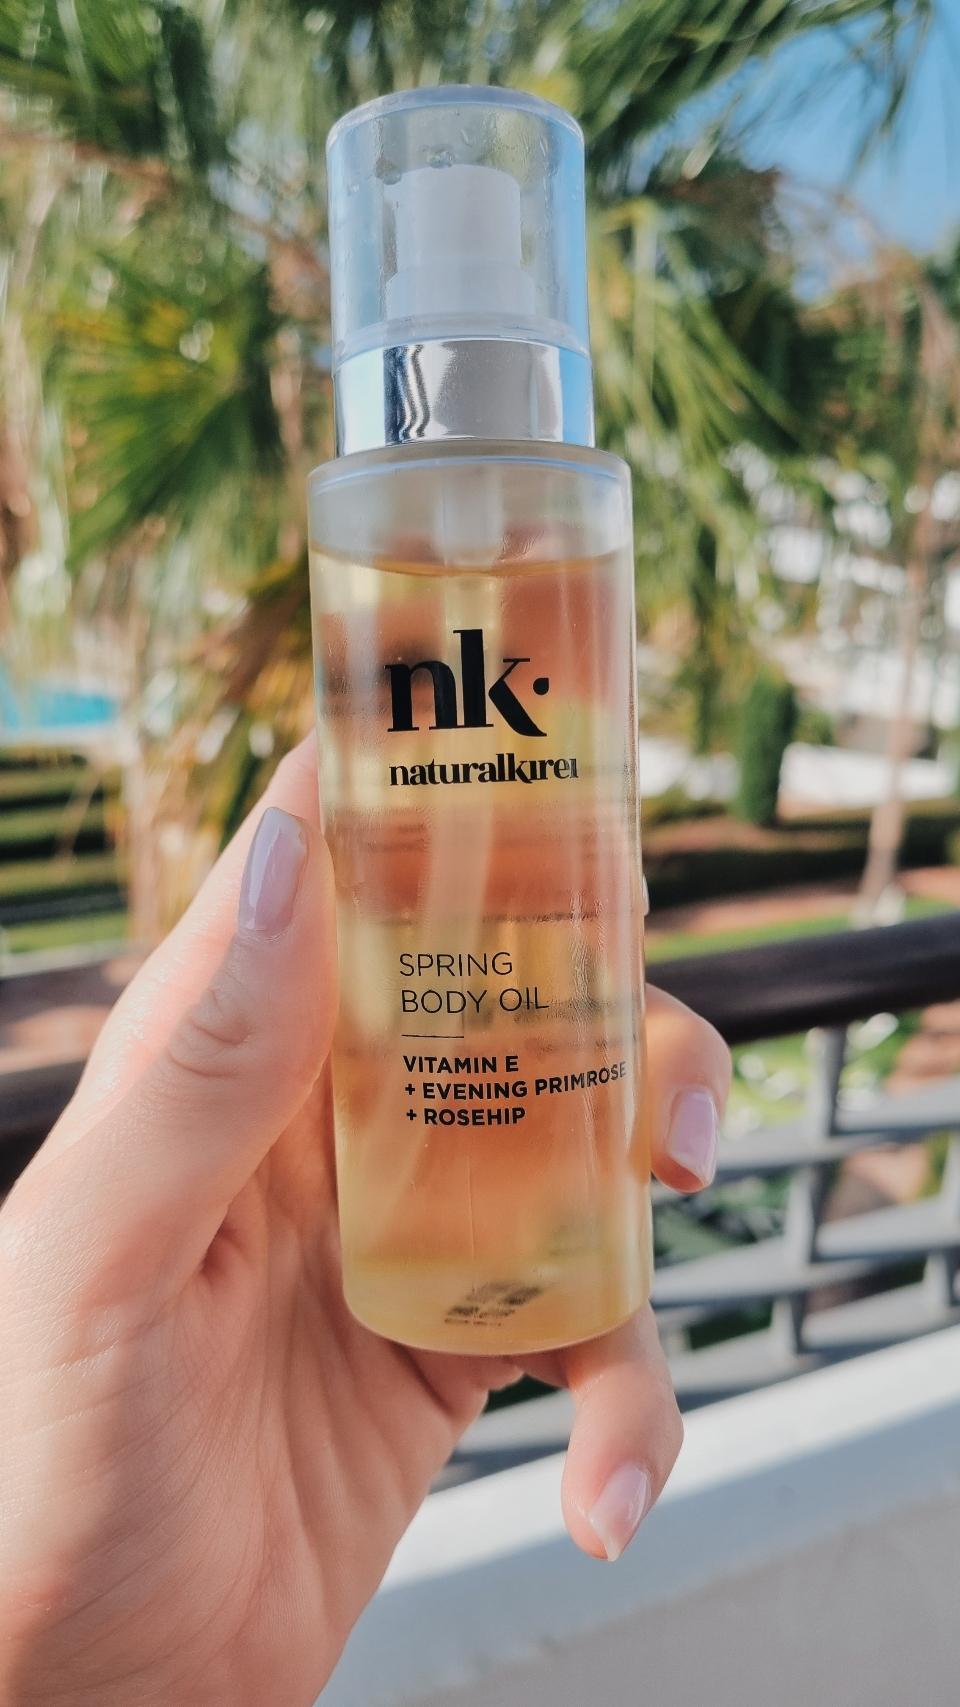 Naturalkirei Spring body oil. Aceite vitamina e. Propiedades antioxidantes. Cosmética natural hidratante y antiedad para la piel.